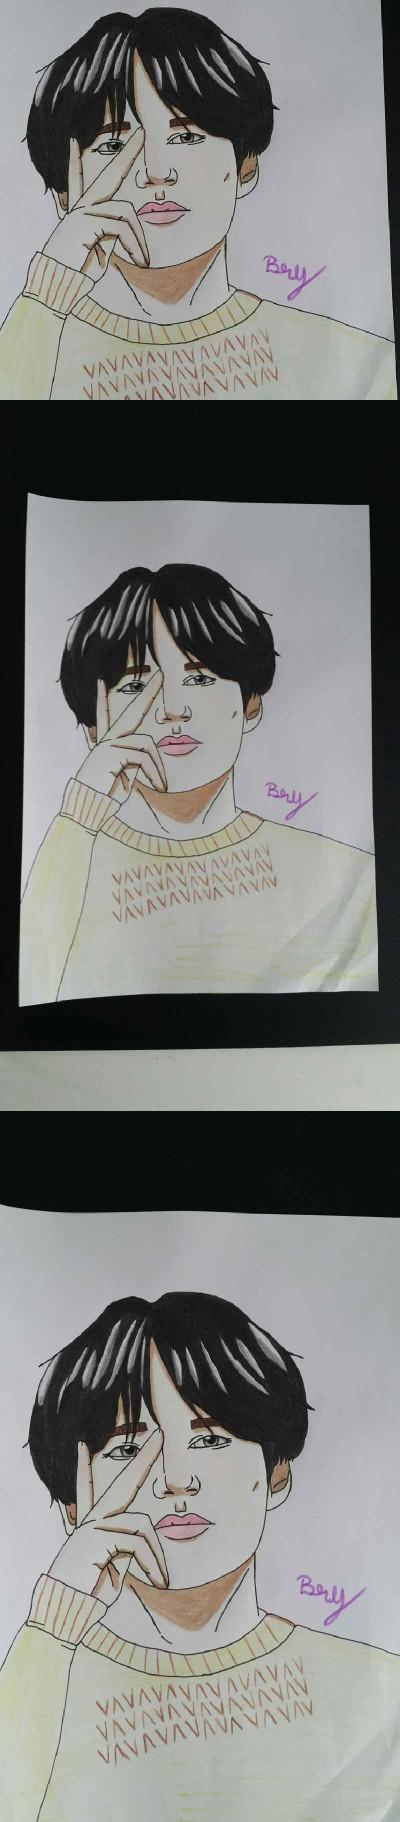 •☆V☆• | Bry.Back.Up | Digital Drawing | PENUP